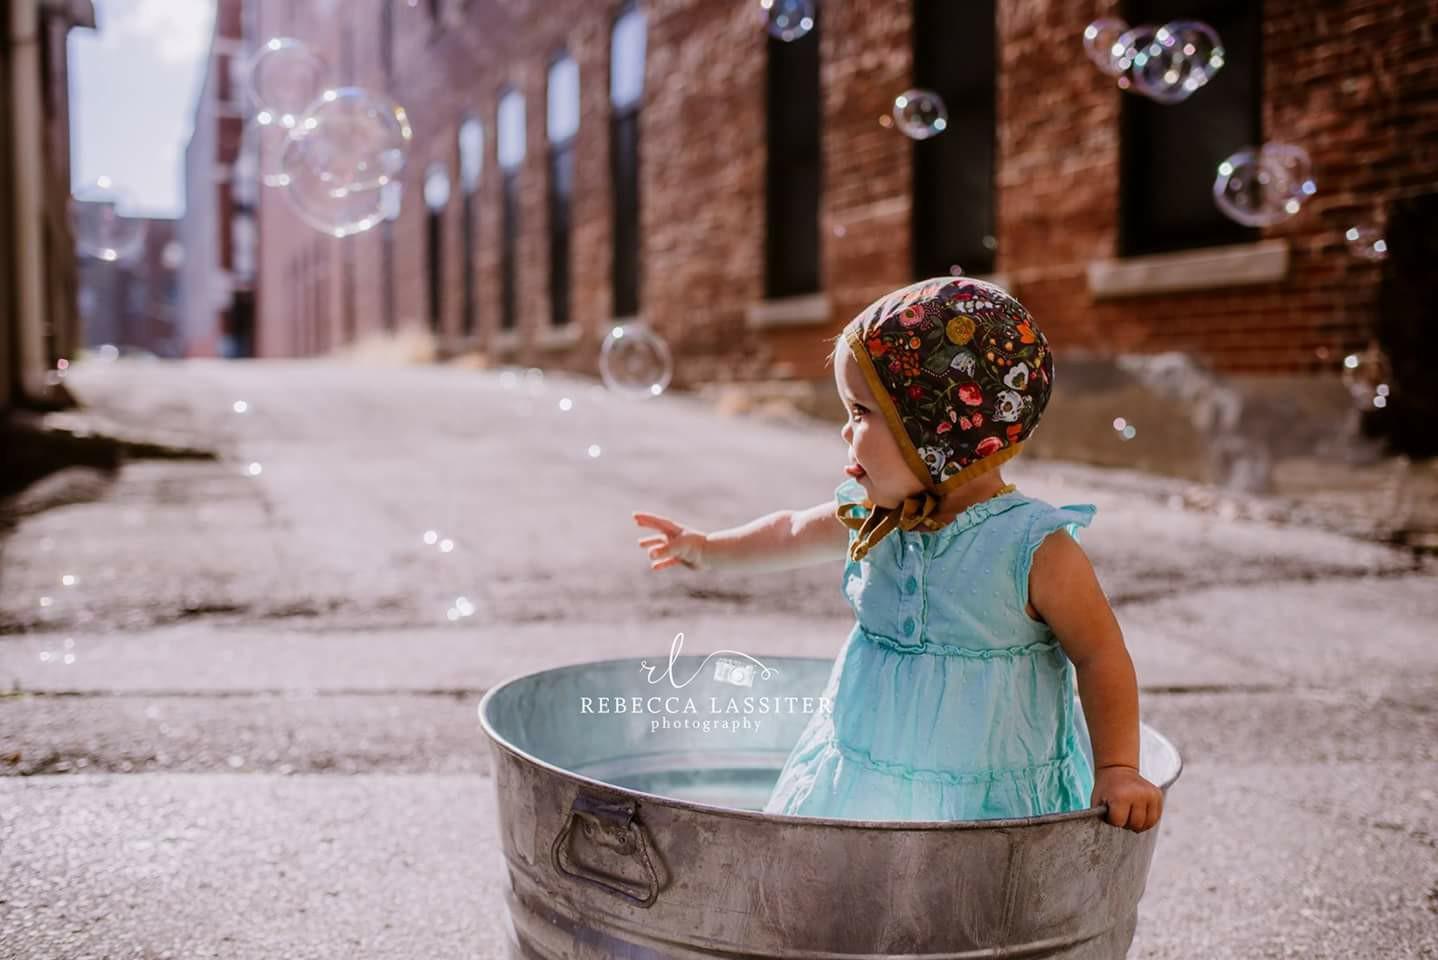 Rebecca Lassiter Photography BUBBLES 1